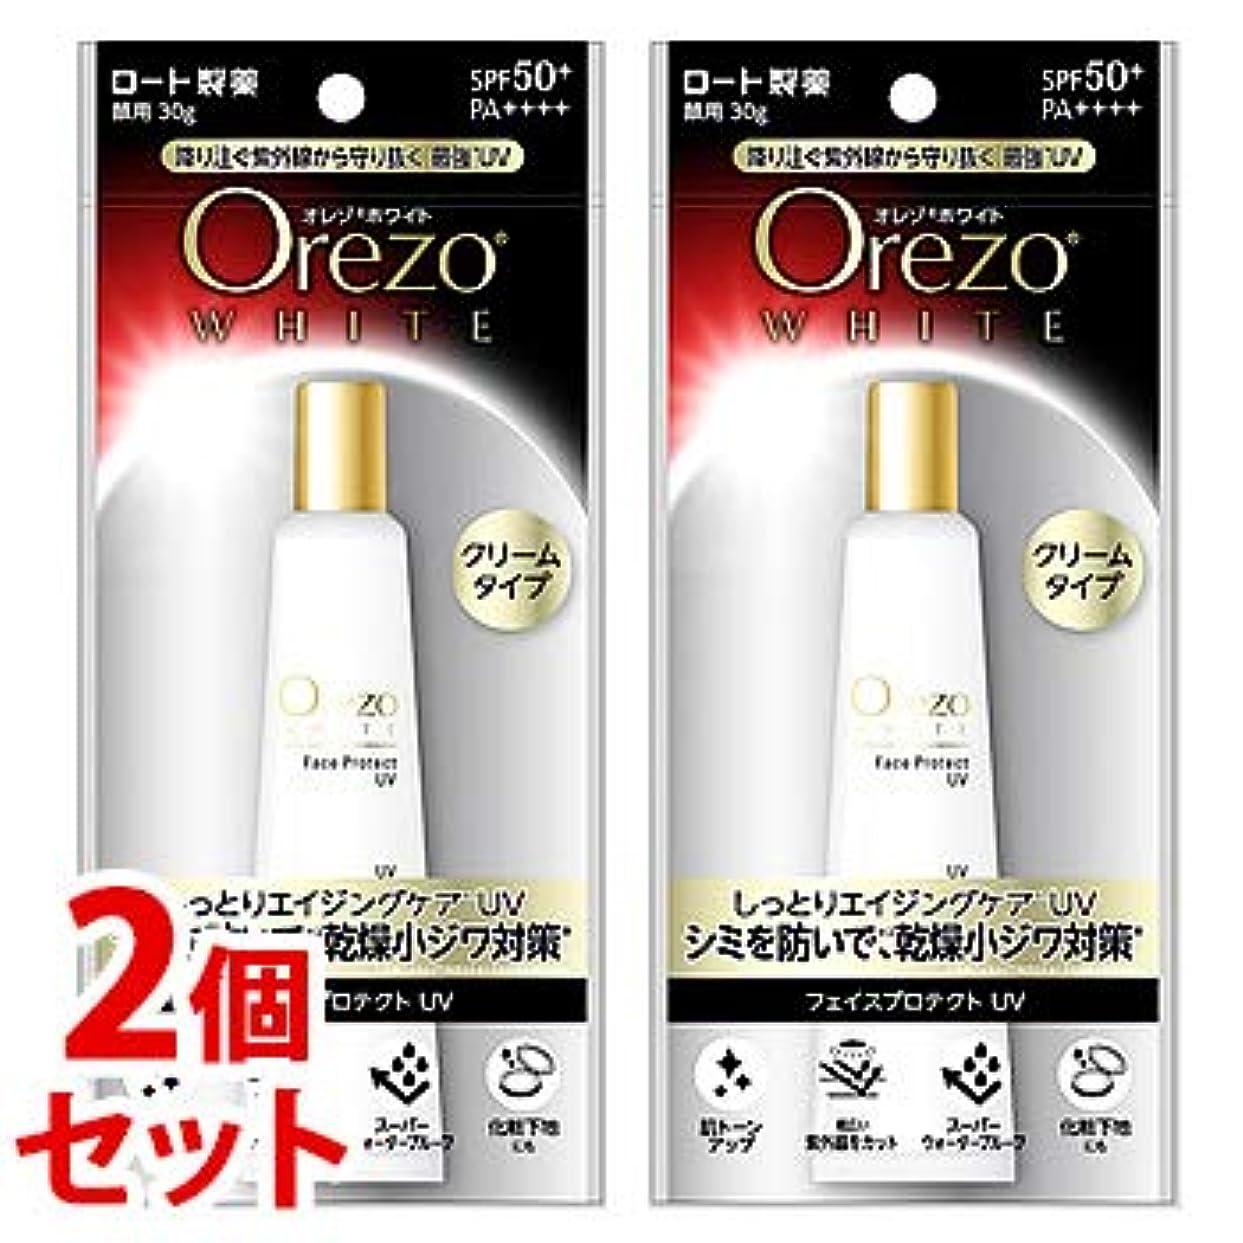 サポート首尾一貫した風が強い《セット販売》 ロート製薬 Orezo オレゾ ホワイト フェイスプロテクトUV SPF50+ PA++++ (30g)×2個セット 顔用 日やけ止め 化粧下地 クリームタイプ